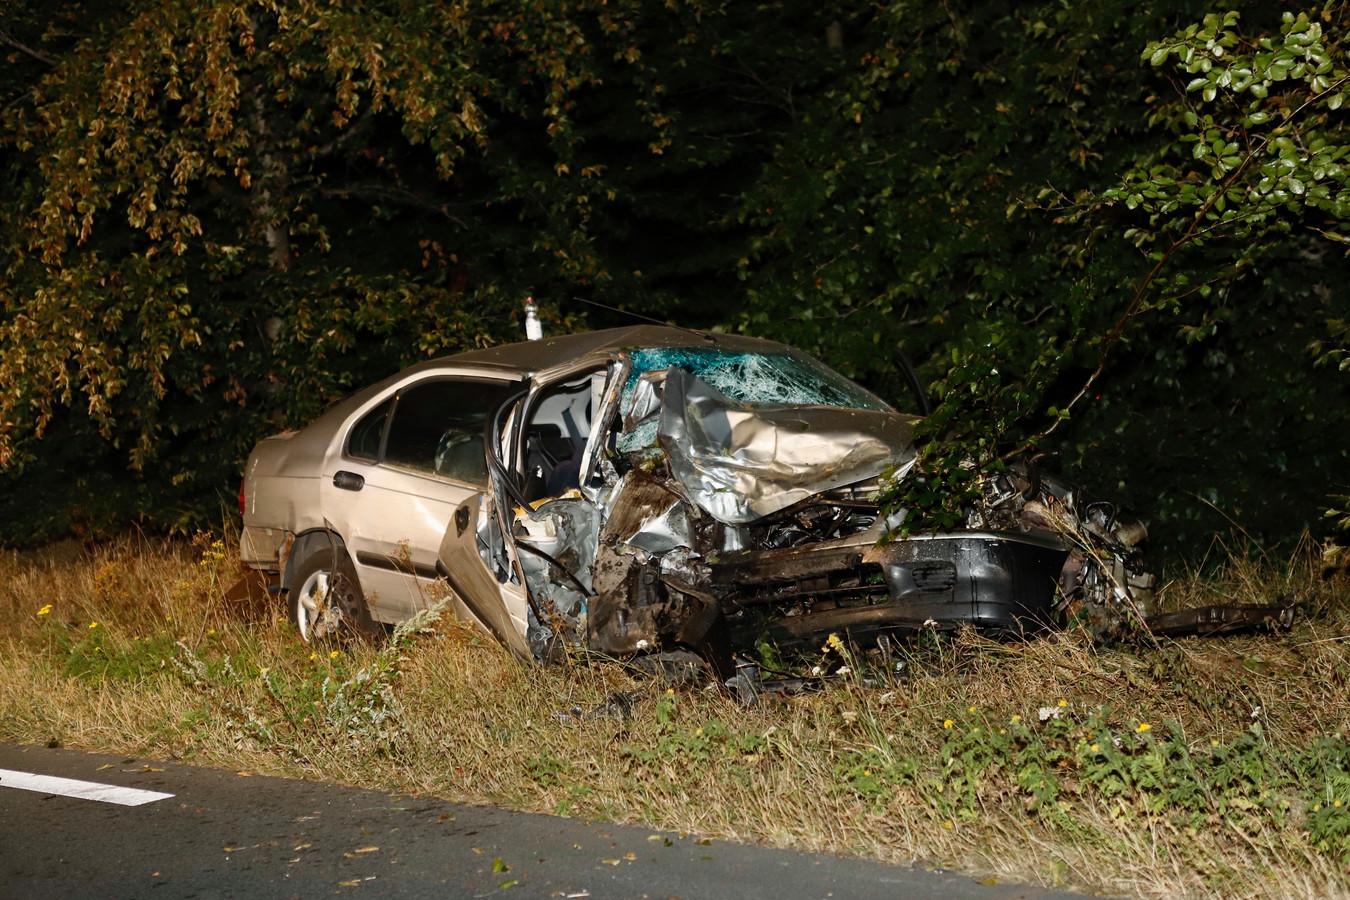 De zwaar beschadigde auto.